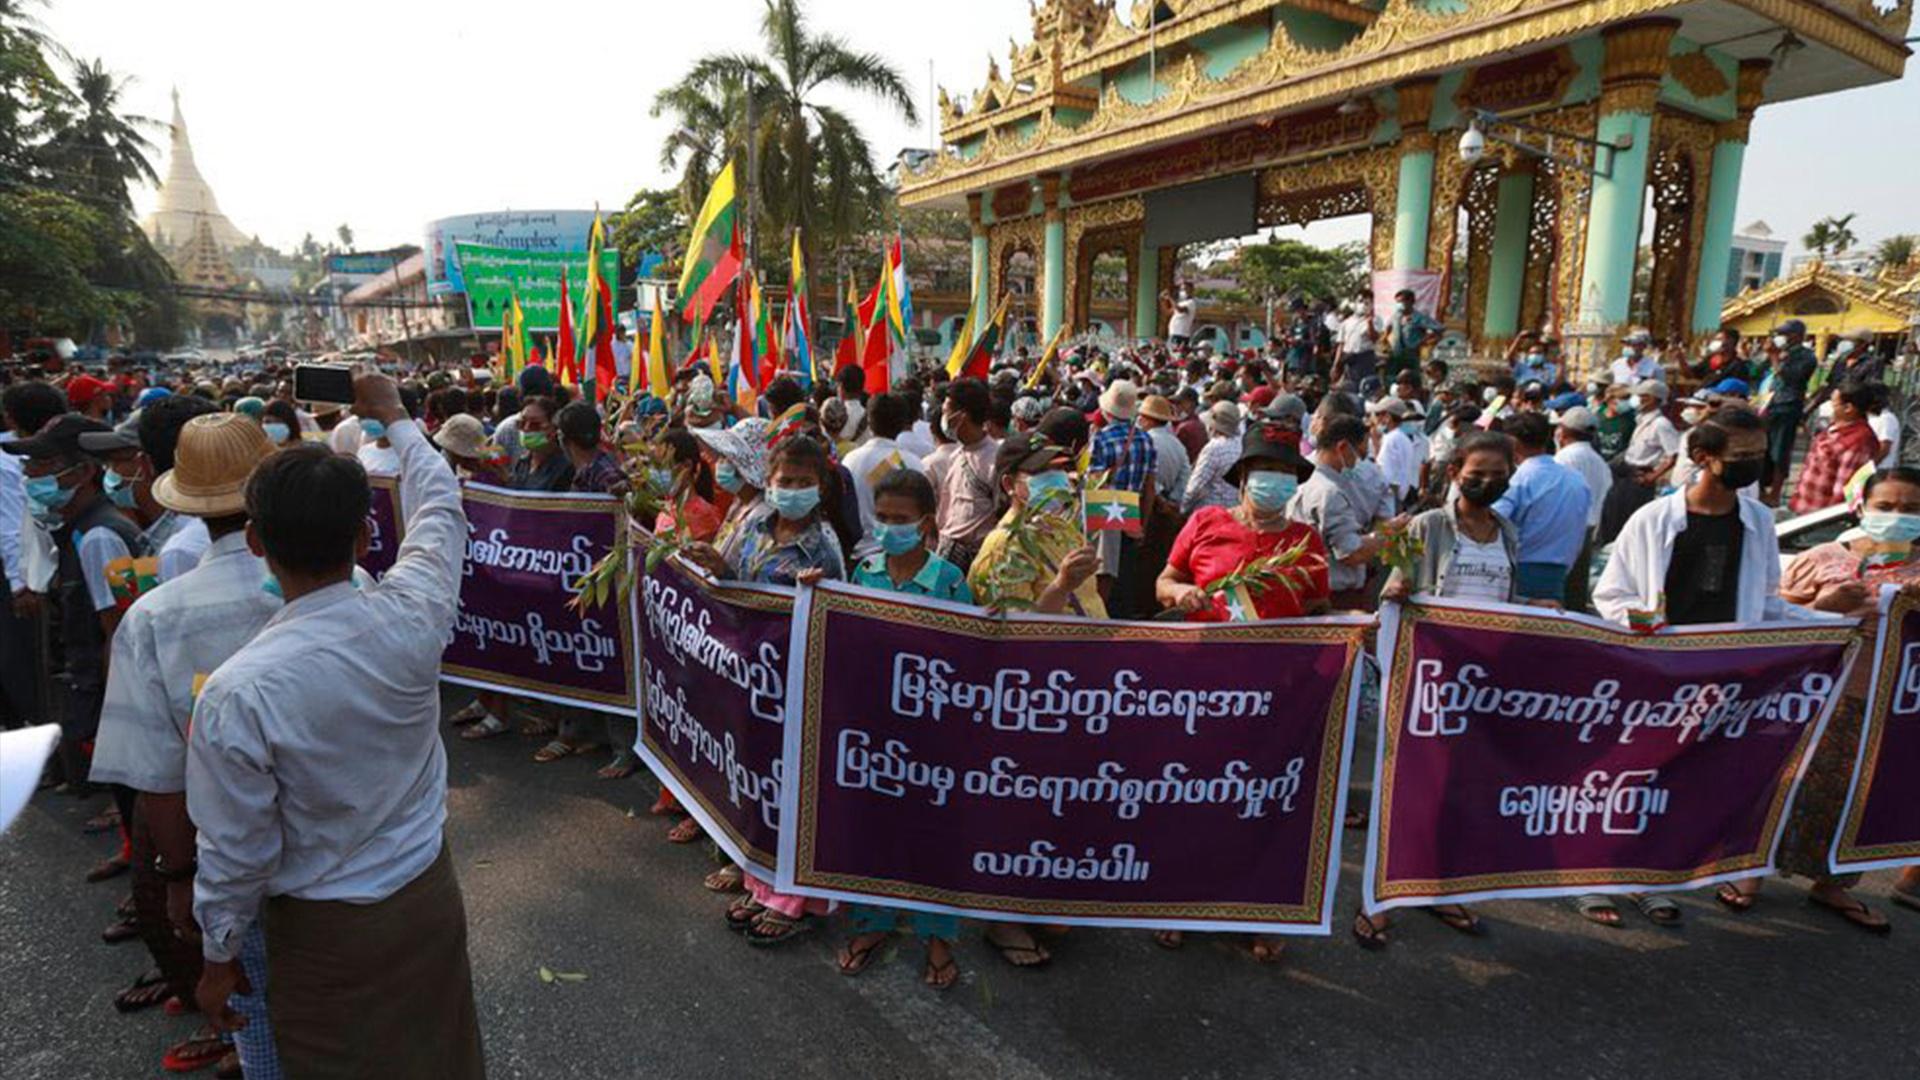 СМИ: государственная власть в Мьянме переходит к главнокомандующему ВС